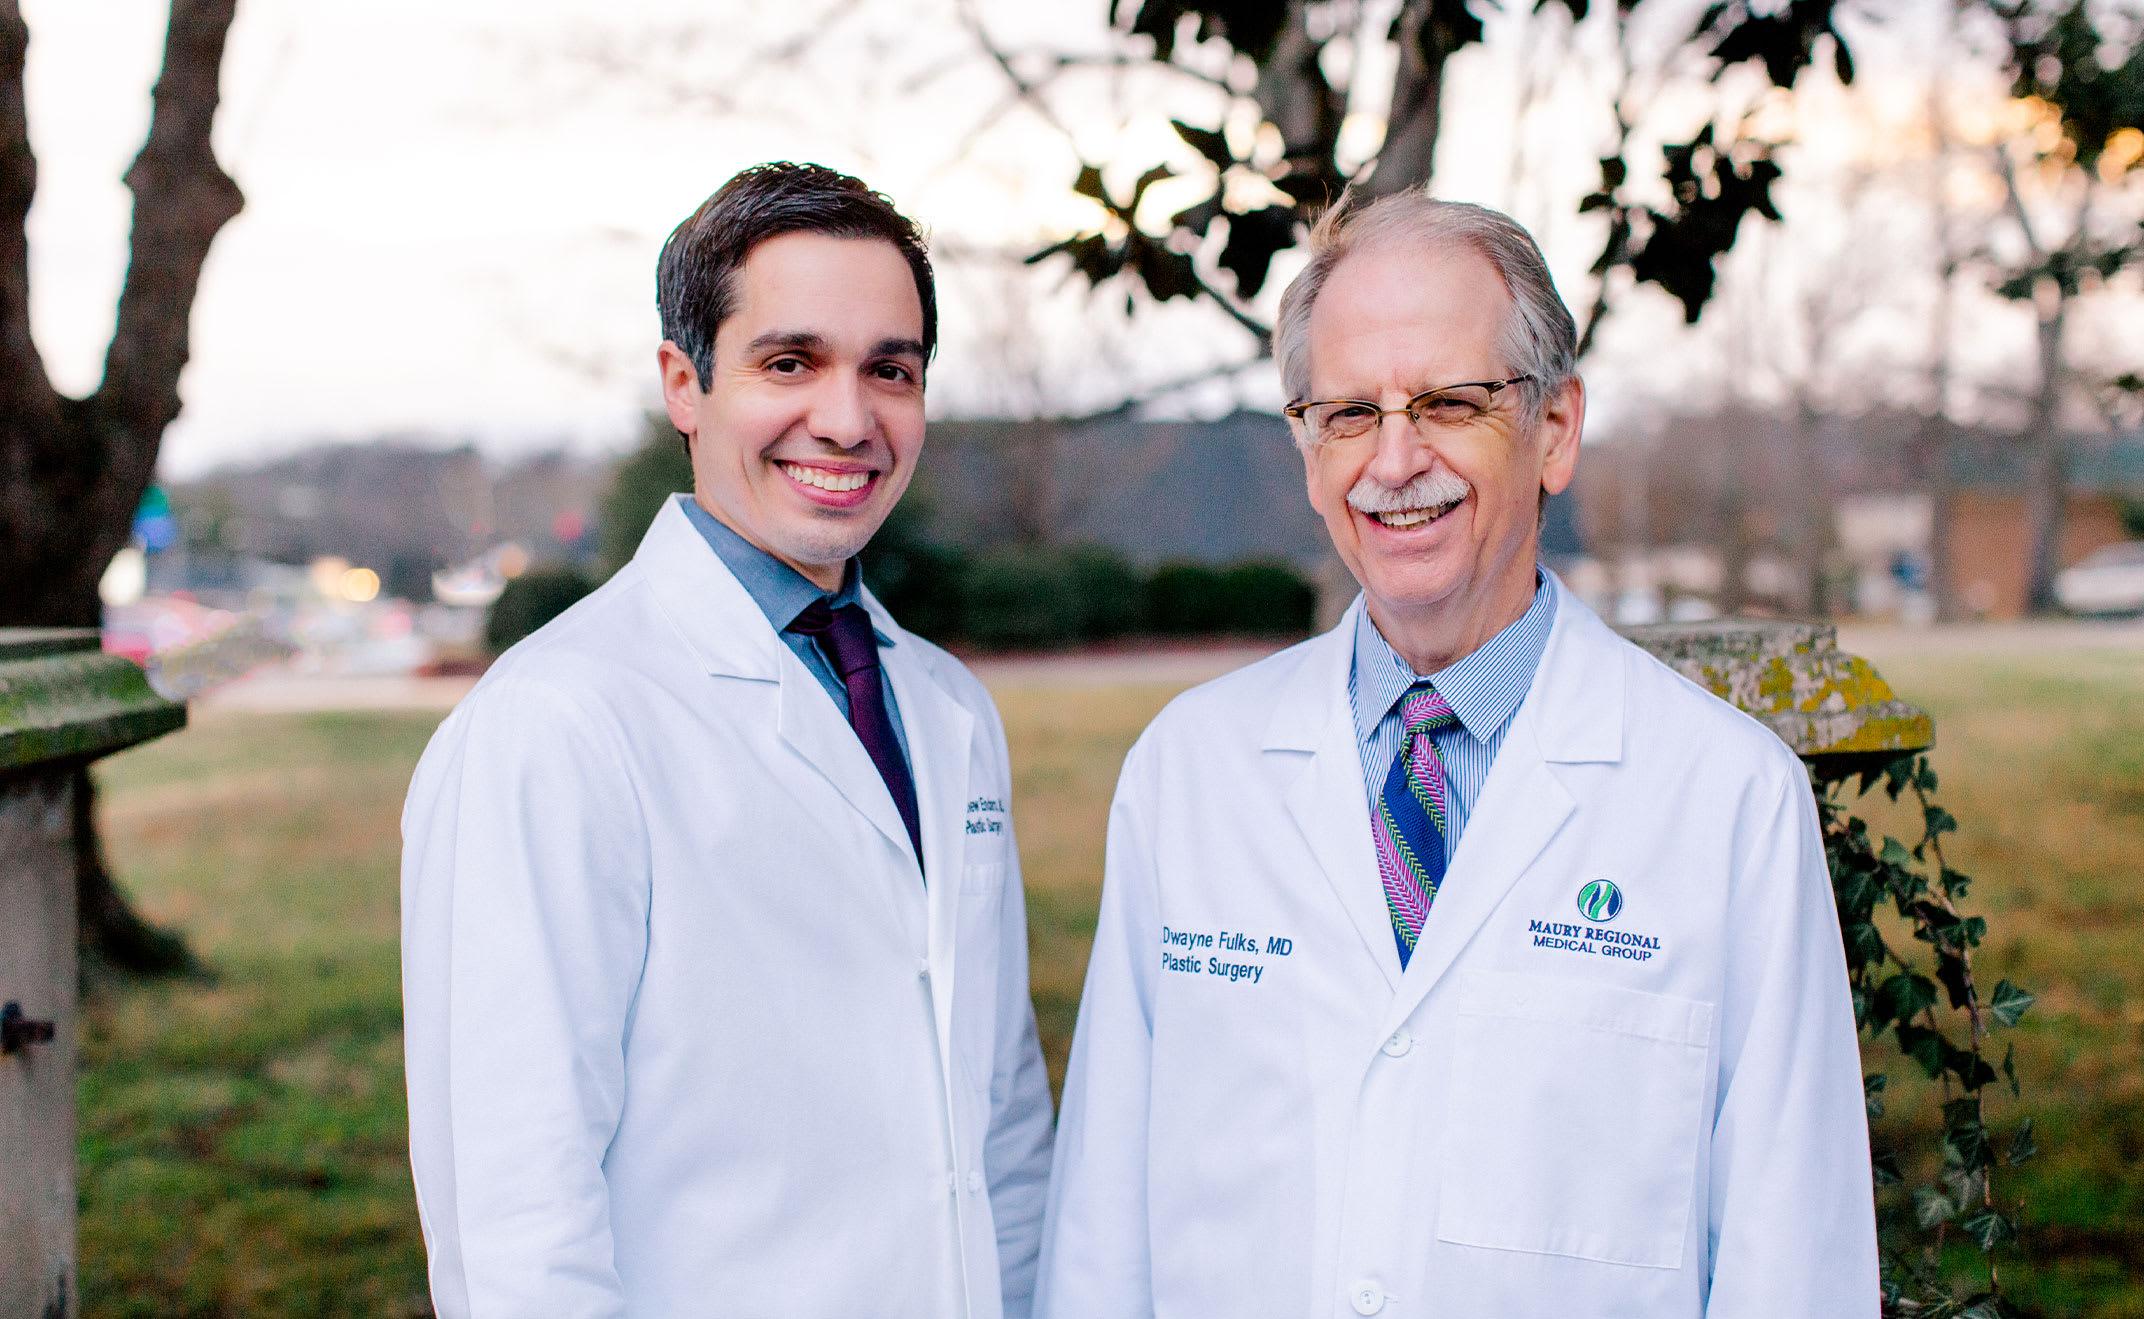 Tennessee Plastic Surgeons